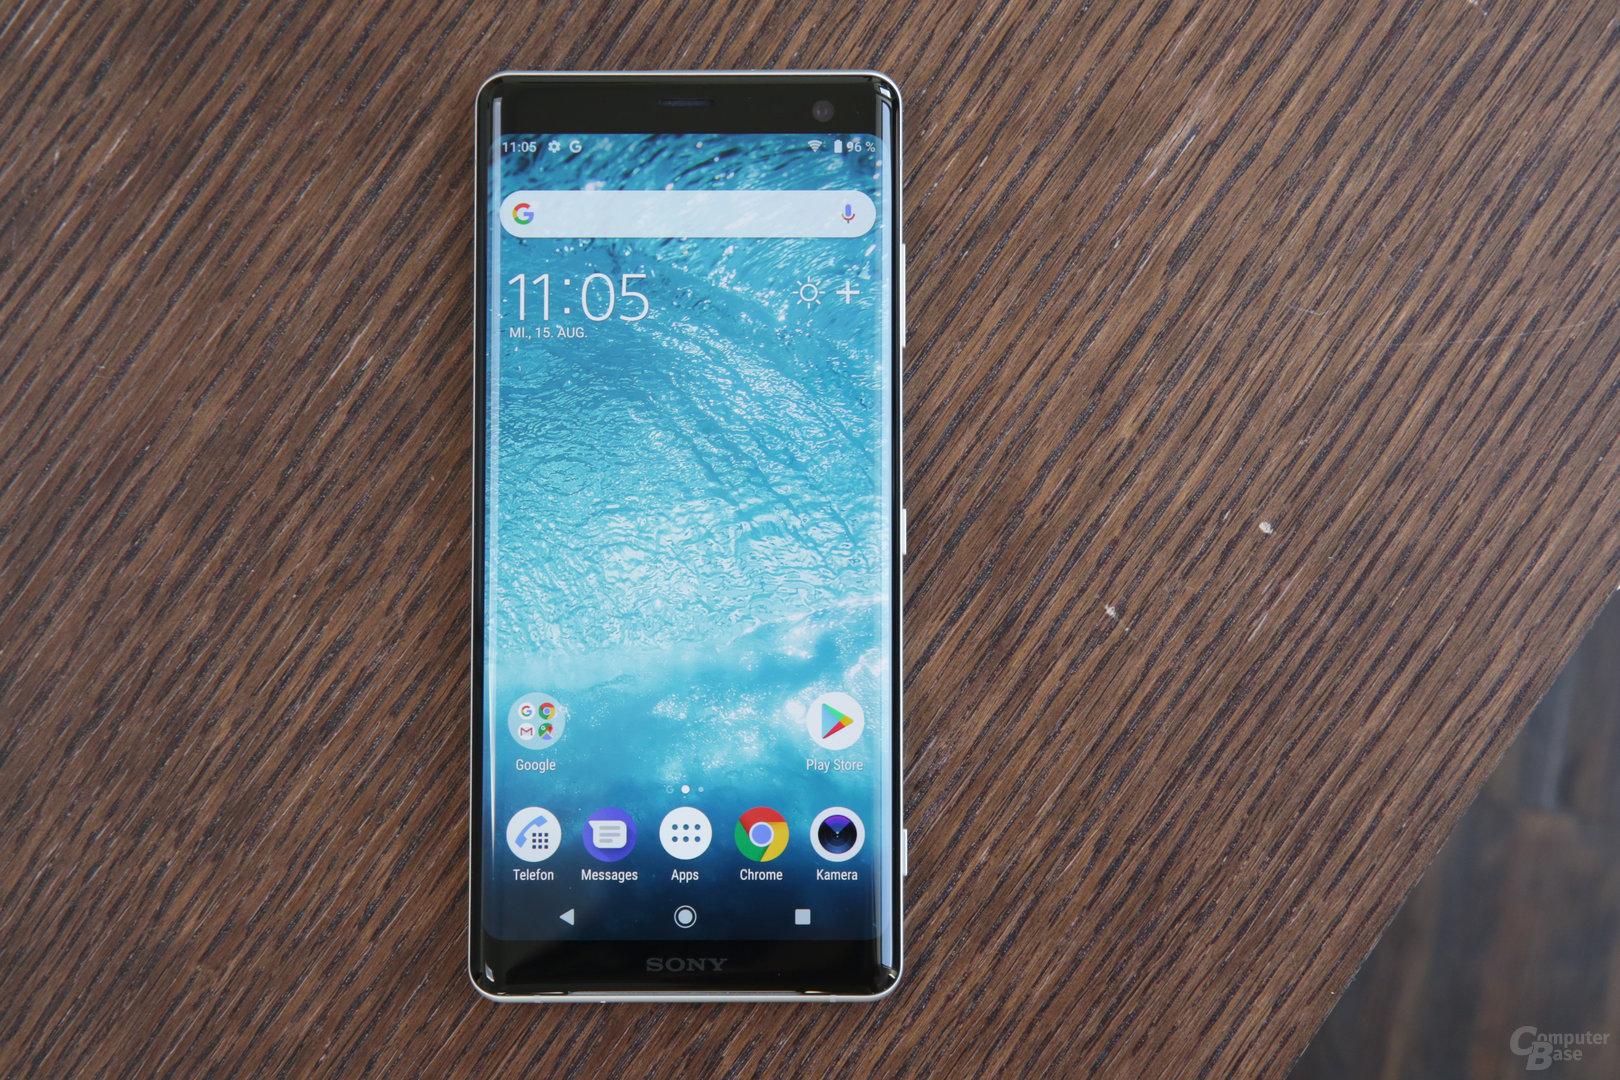 Von vorne betrachtet ähnelt das Smartphone dem Pixel 2 XL